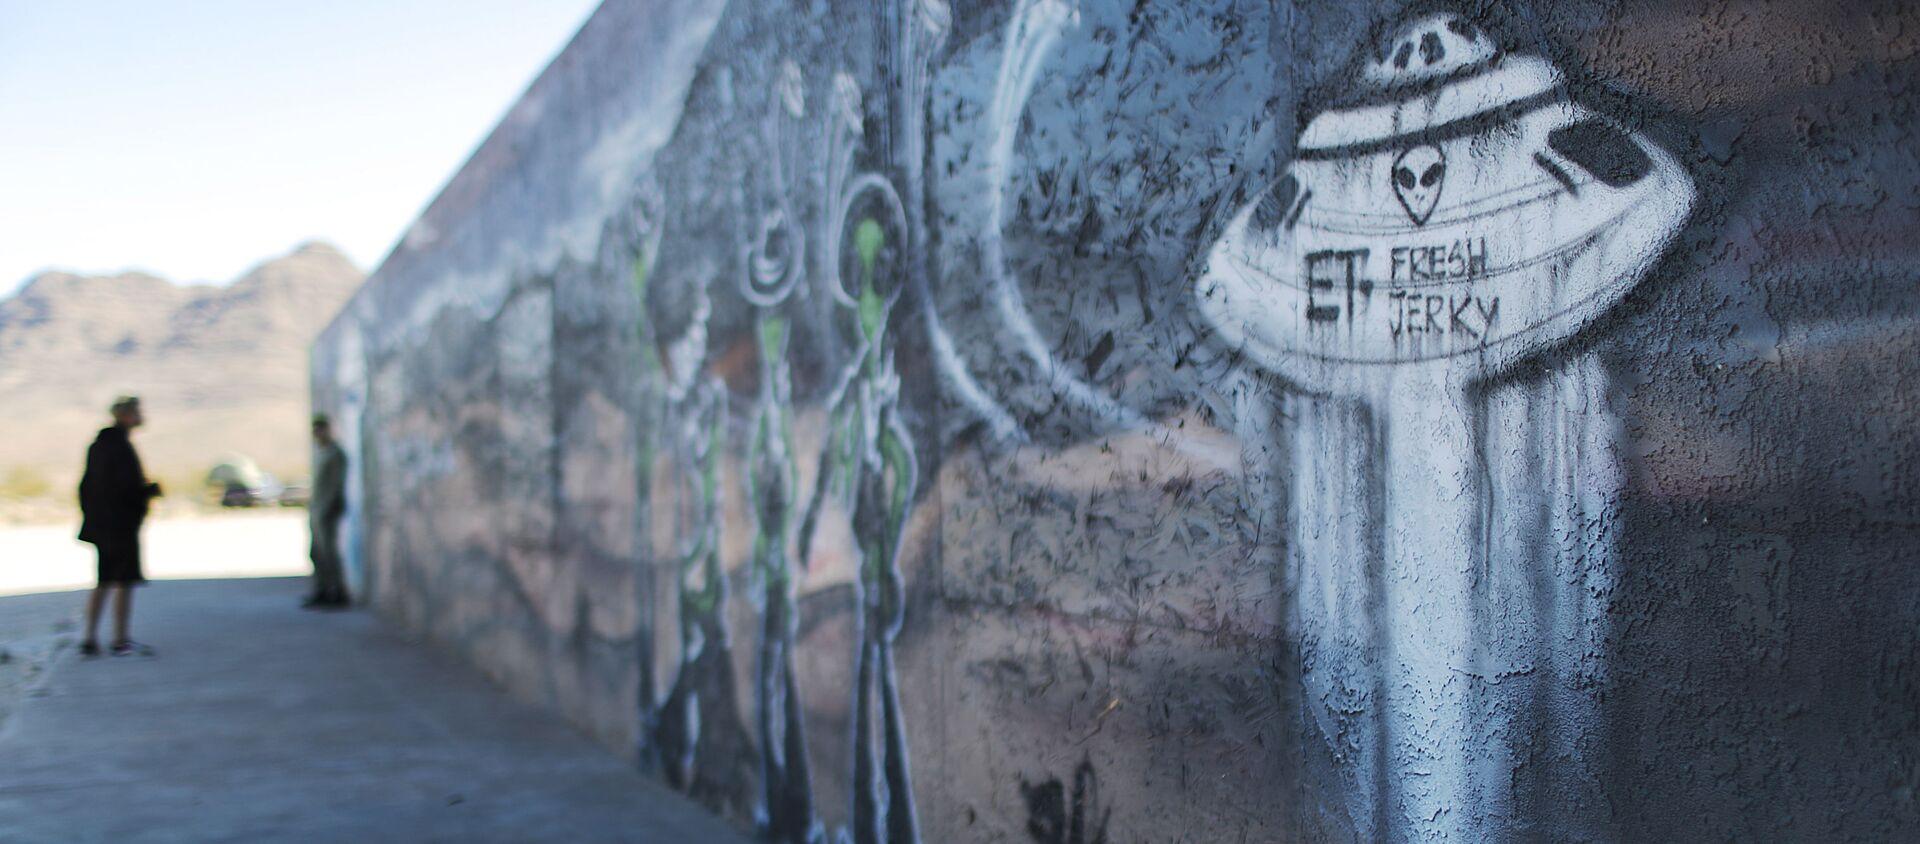 Люди около граффити перед штурмом Зоны 51 в штате Невада. 20 сентября 2019 - Sputnik Latvija, 1920, 15.08.2020